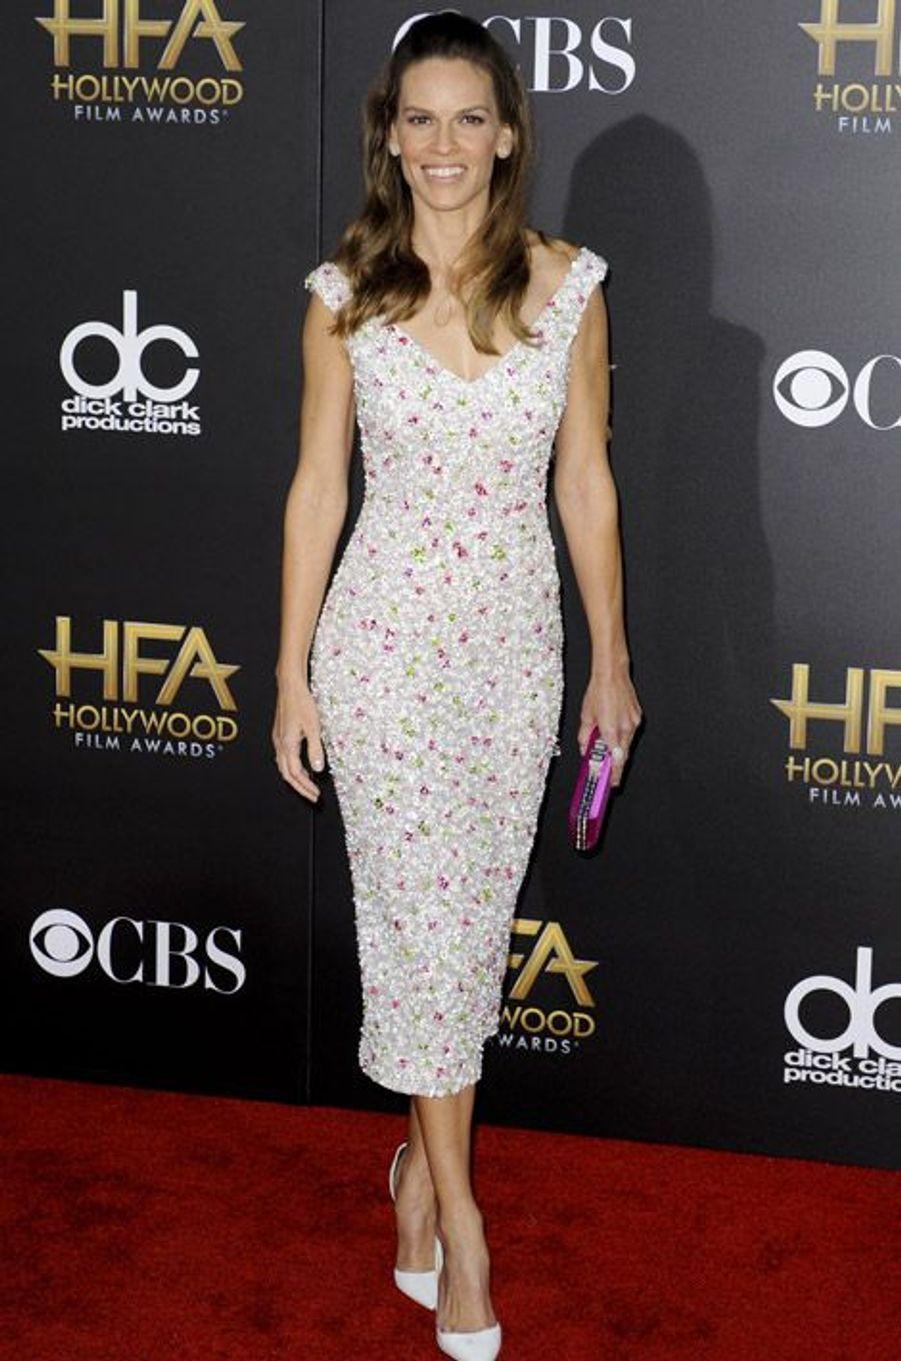 L'actrice Hilary Swank en Nicholas Oakwell lors de la cérémonie Hollywood film Awards, à Los Angeles le 15 novembre 2014